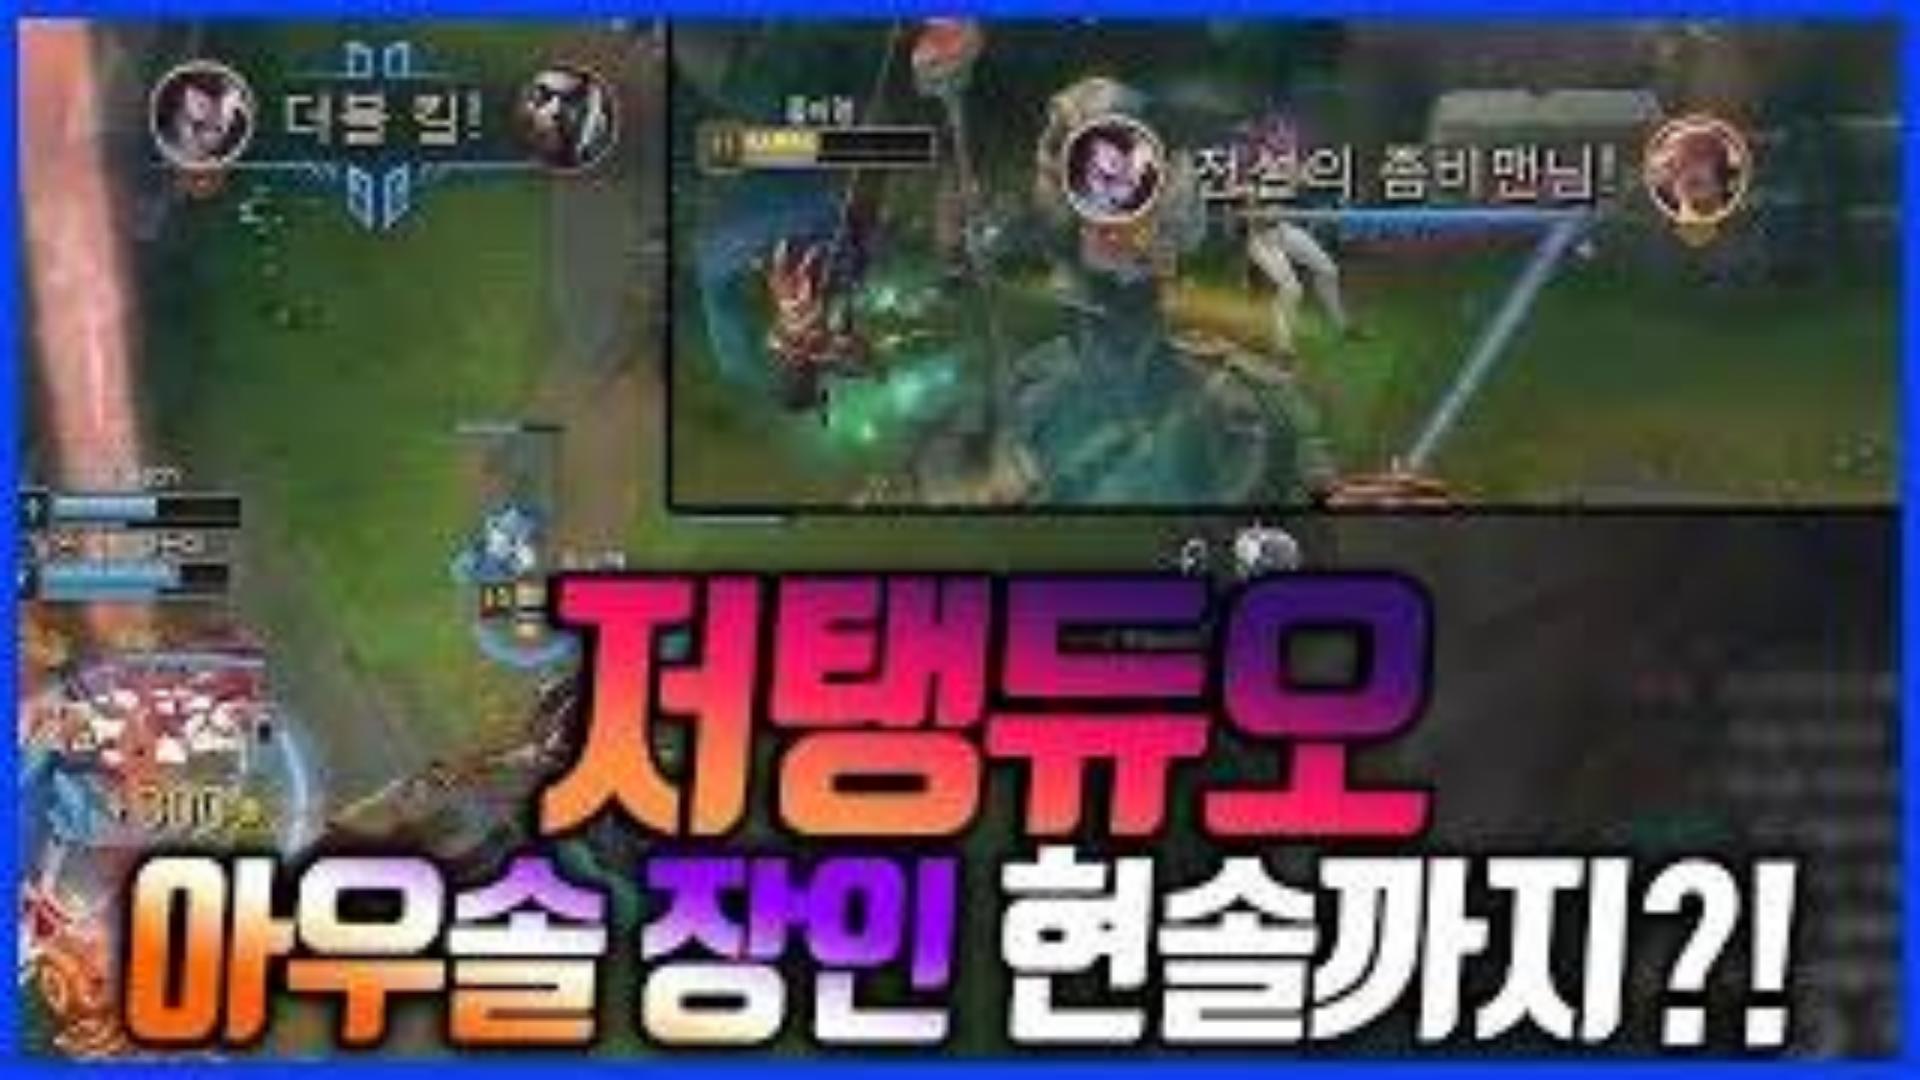 韩服第一亚索프제짱对面是 JLT 和 honeyteng 还有龙王高手?亚索vs龙王